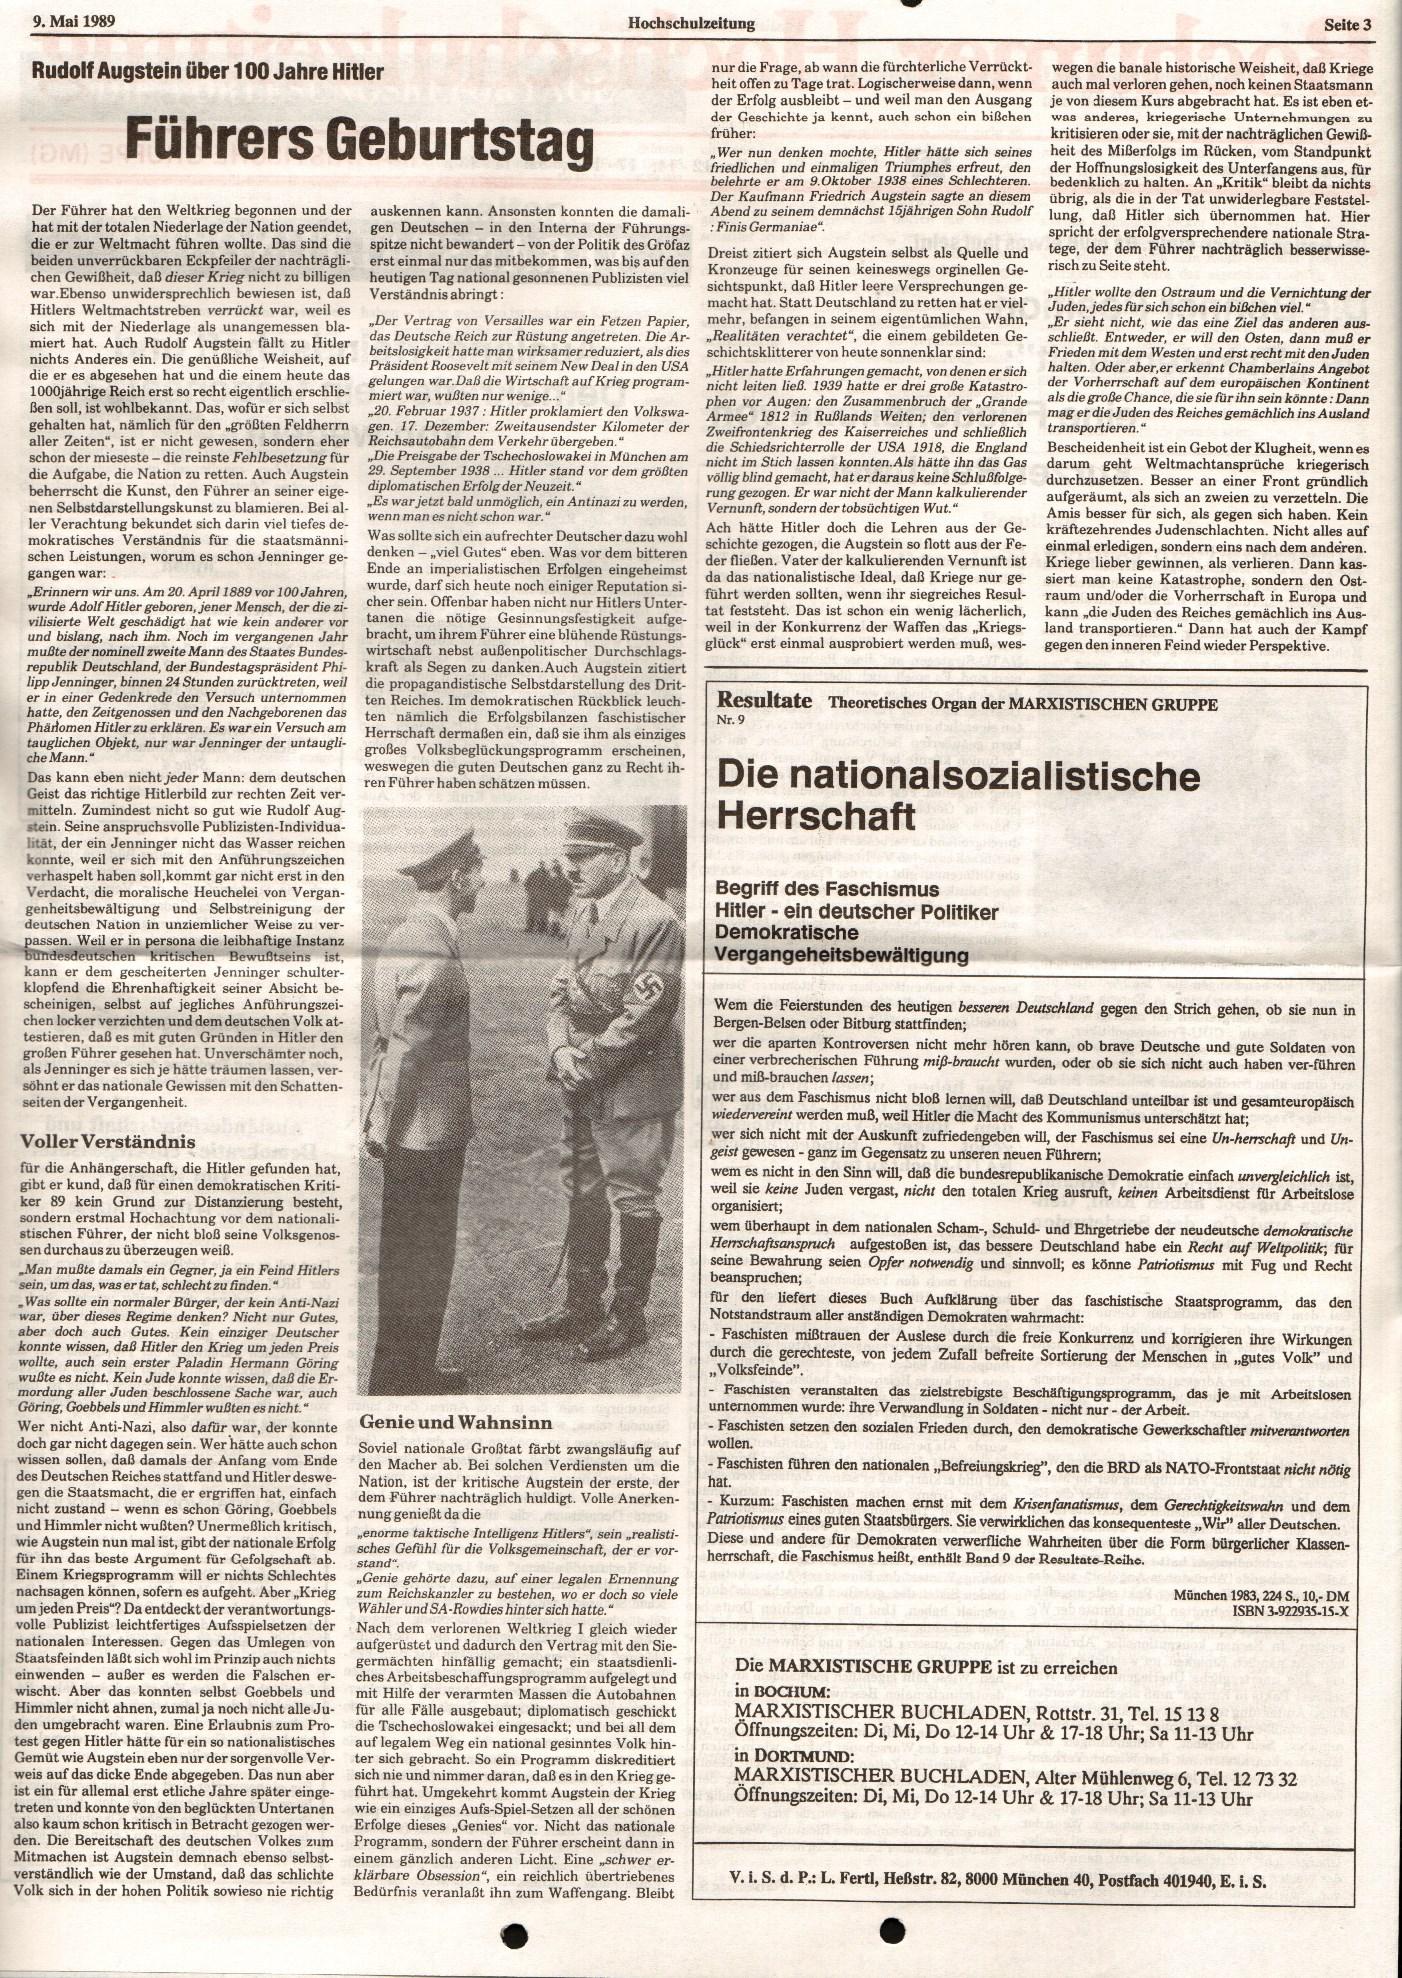 MG_Bochumer_Hochschulzeitung_19890509_02